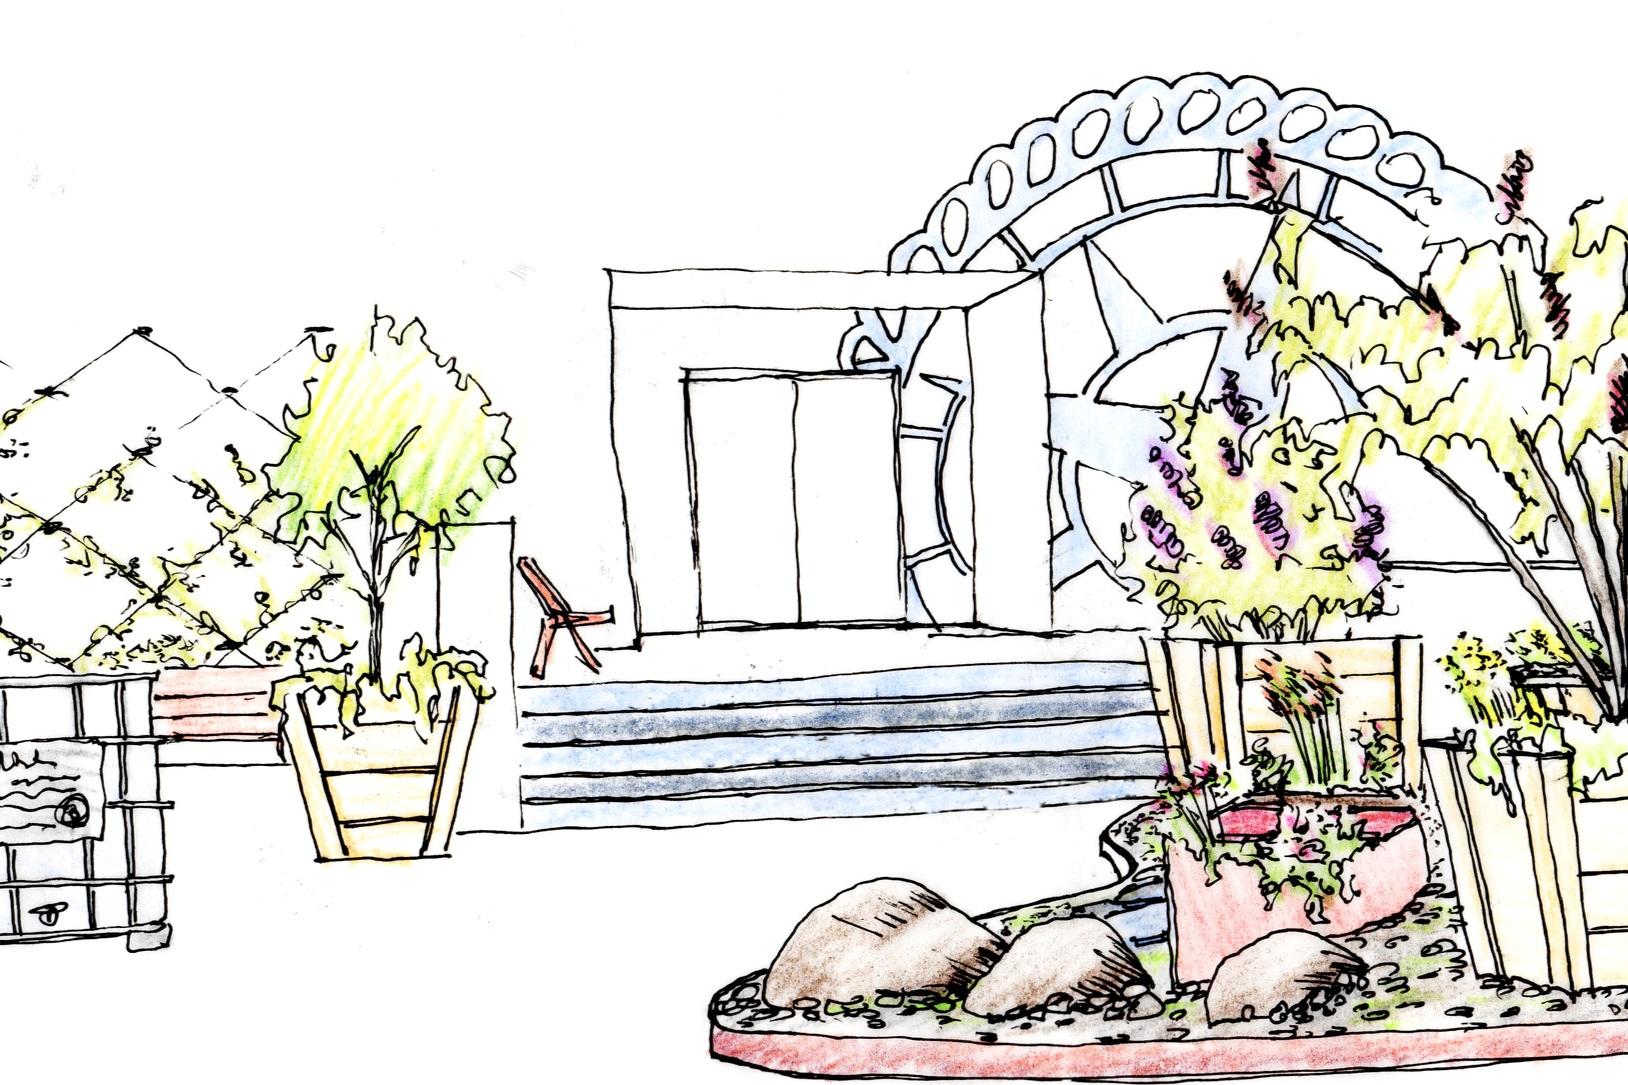 Peace+Garden+Concept+A-Canoe.jpg